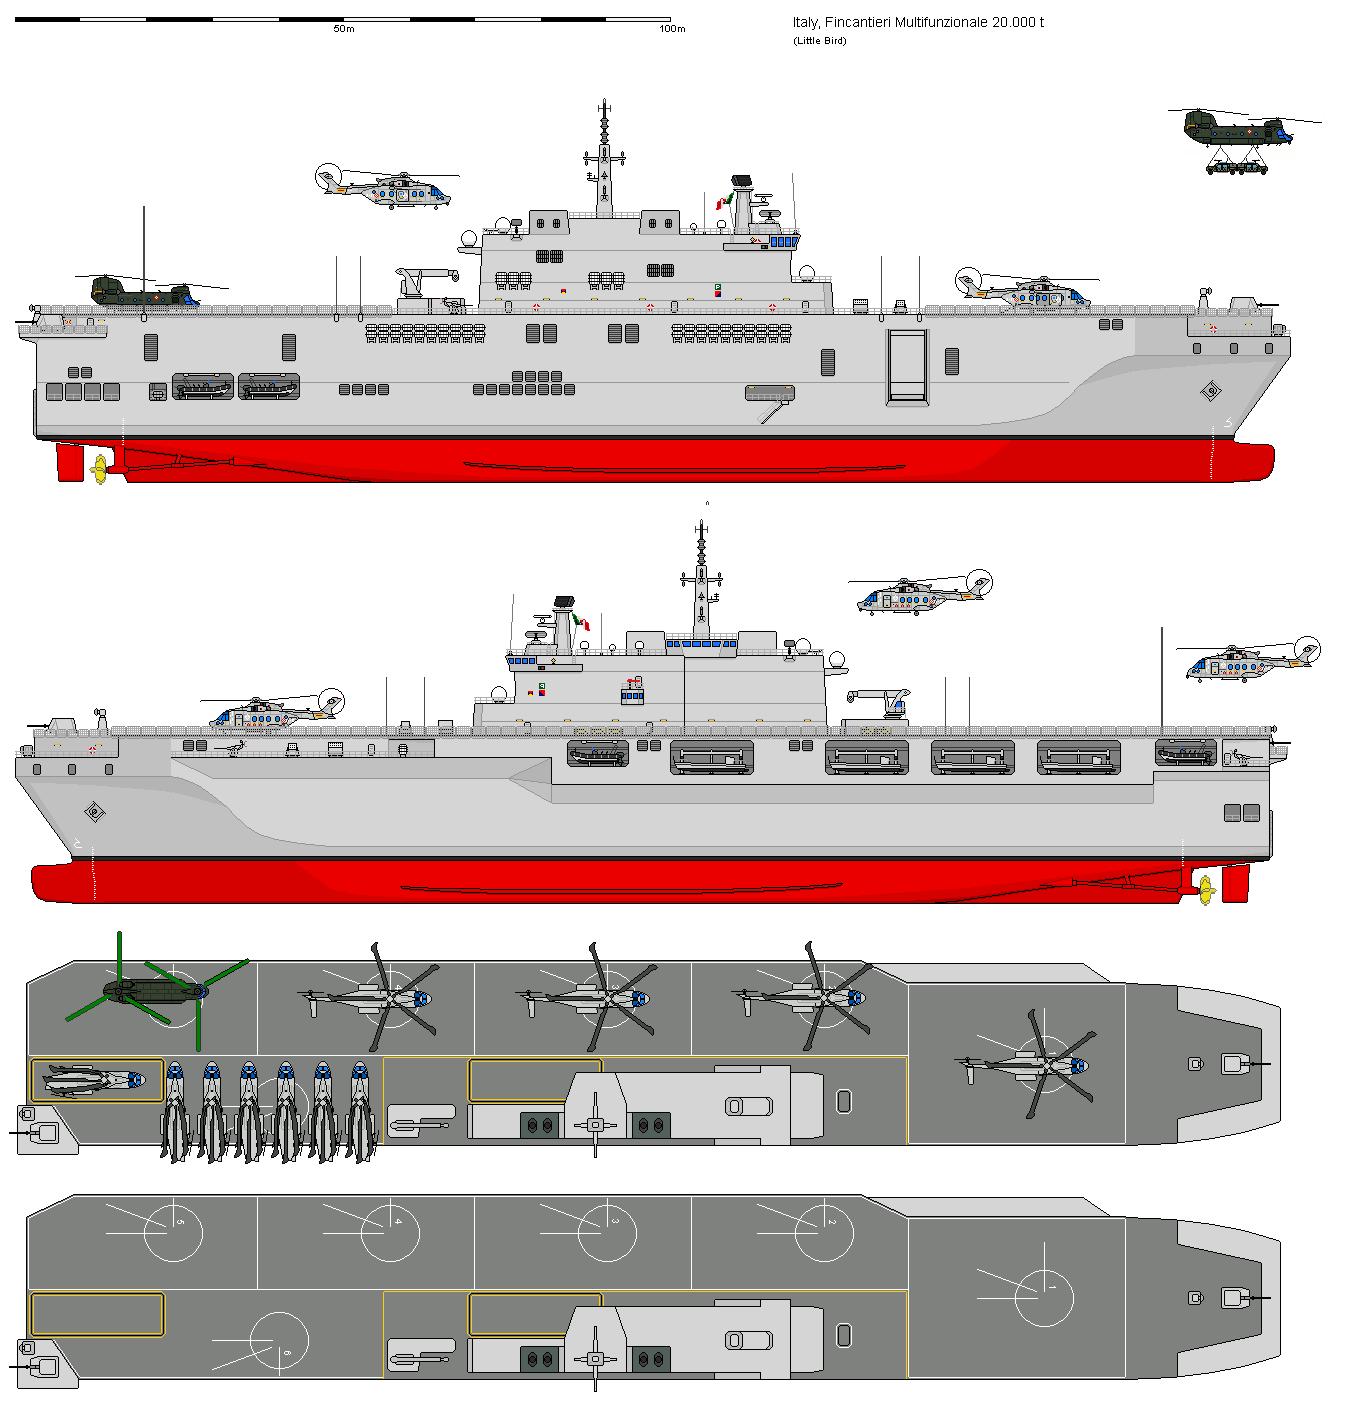 Fincantieri e finmeccanica rinnovano la flotta italiana - Nuova portaerei italiana trieste ...